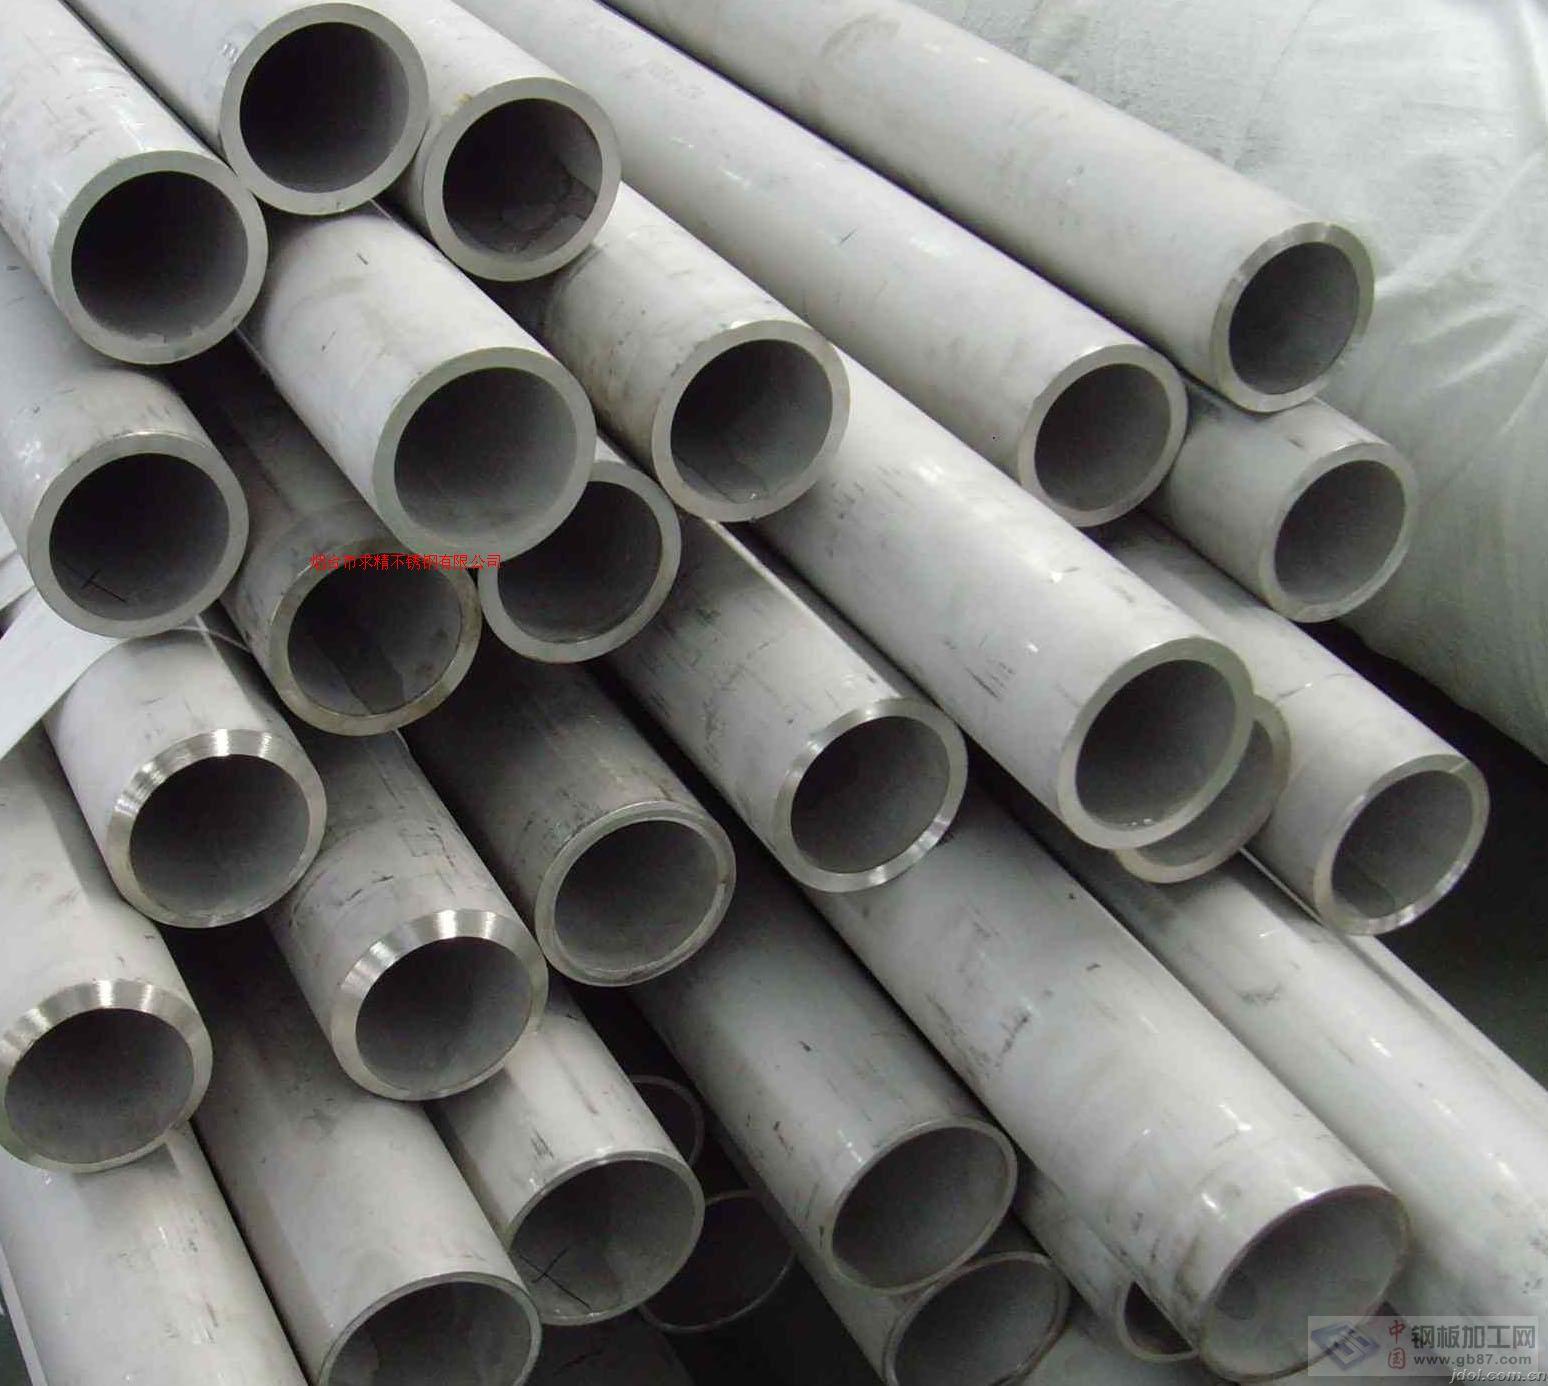 烟台不锈钢管件 烟台不锈钢圆管 烟台不锈钢钢管 烟台不锈钢管